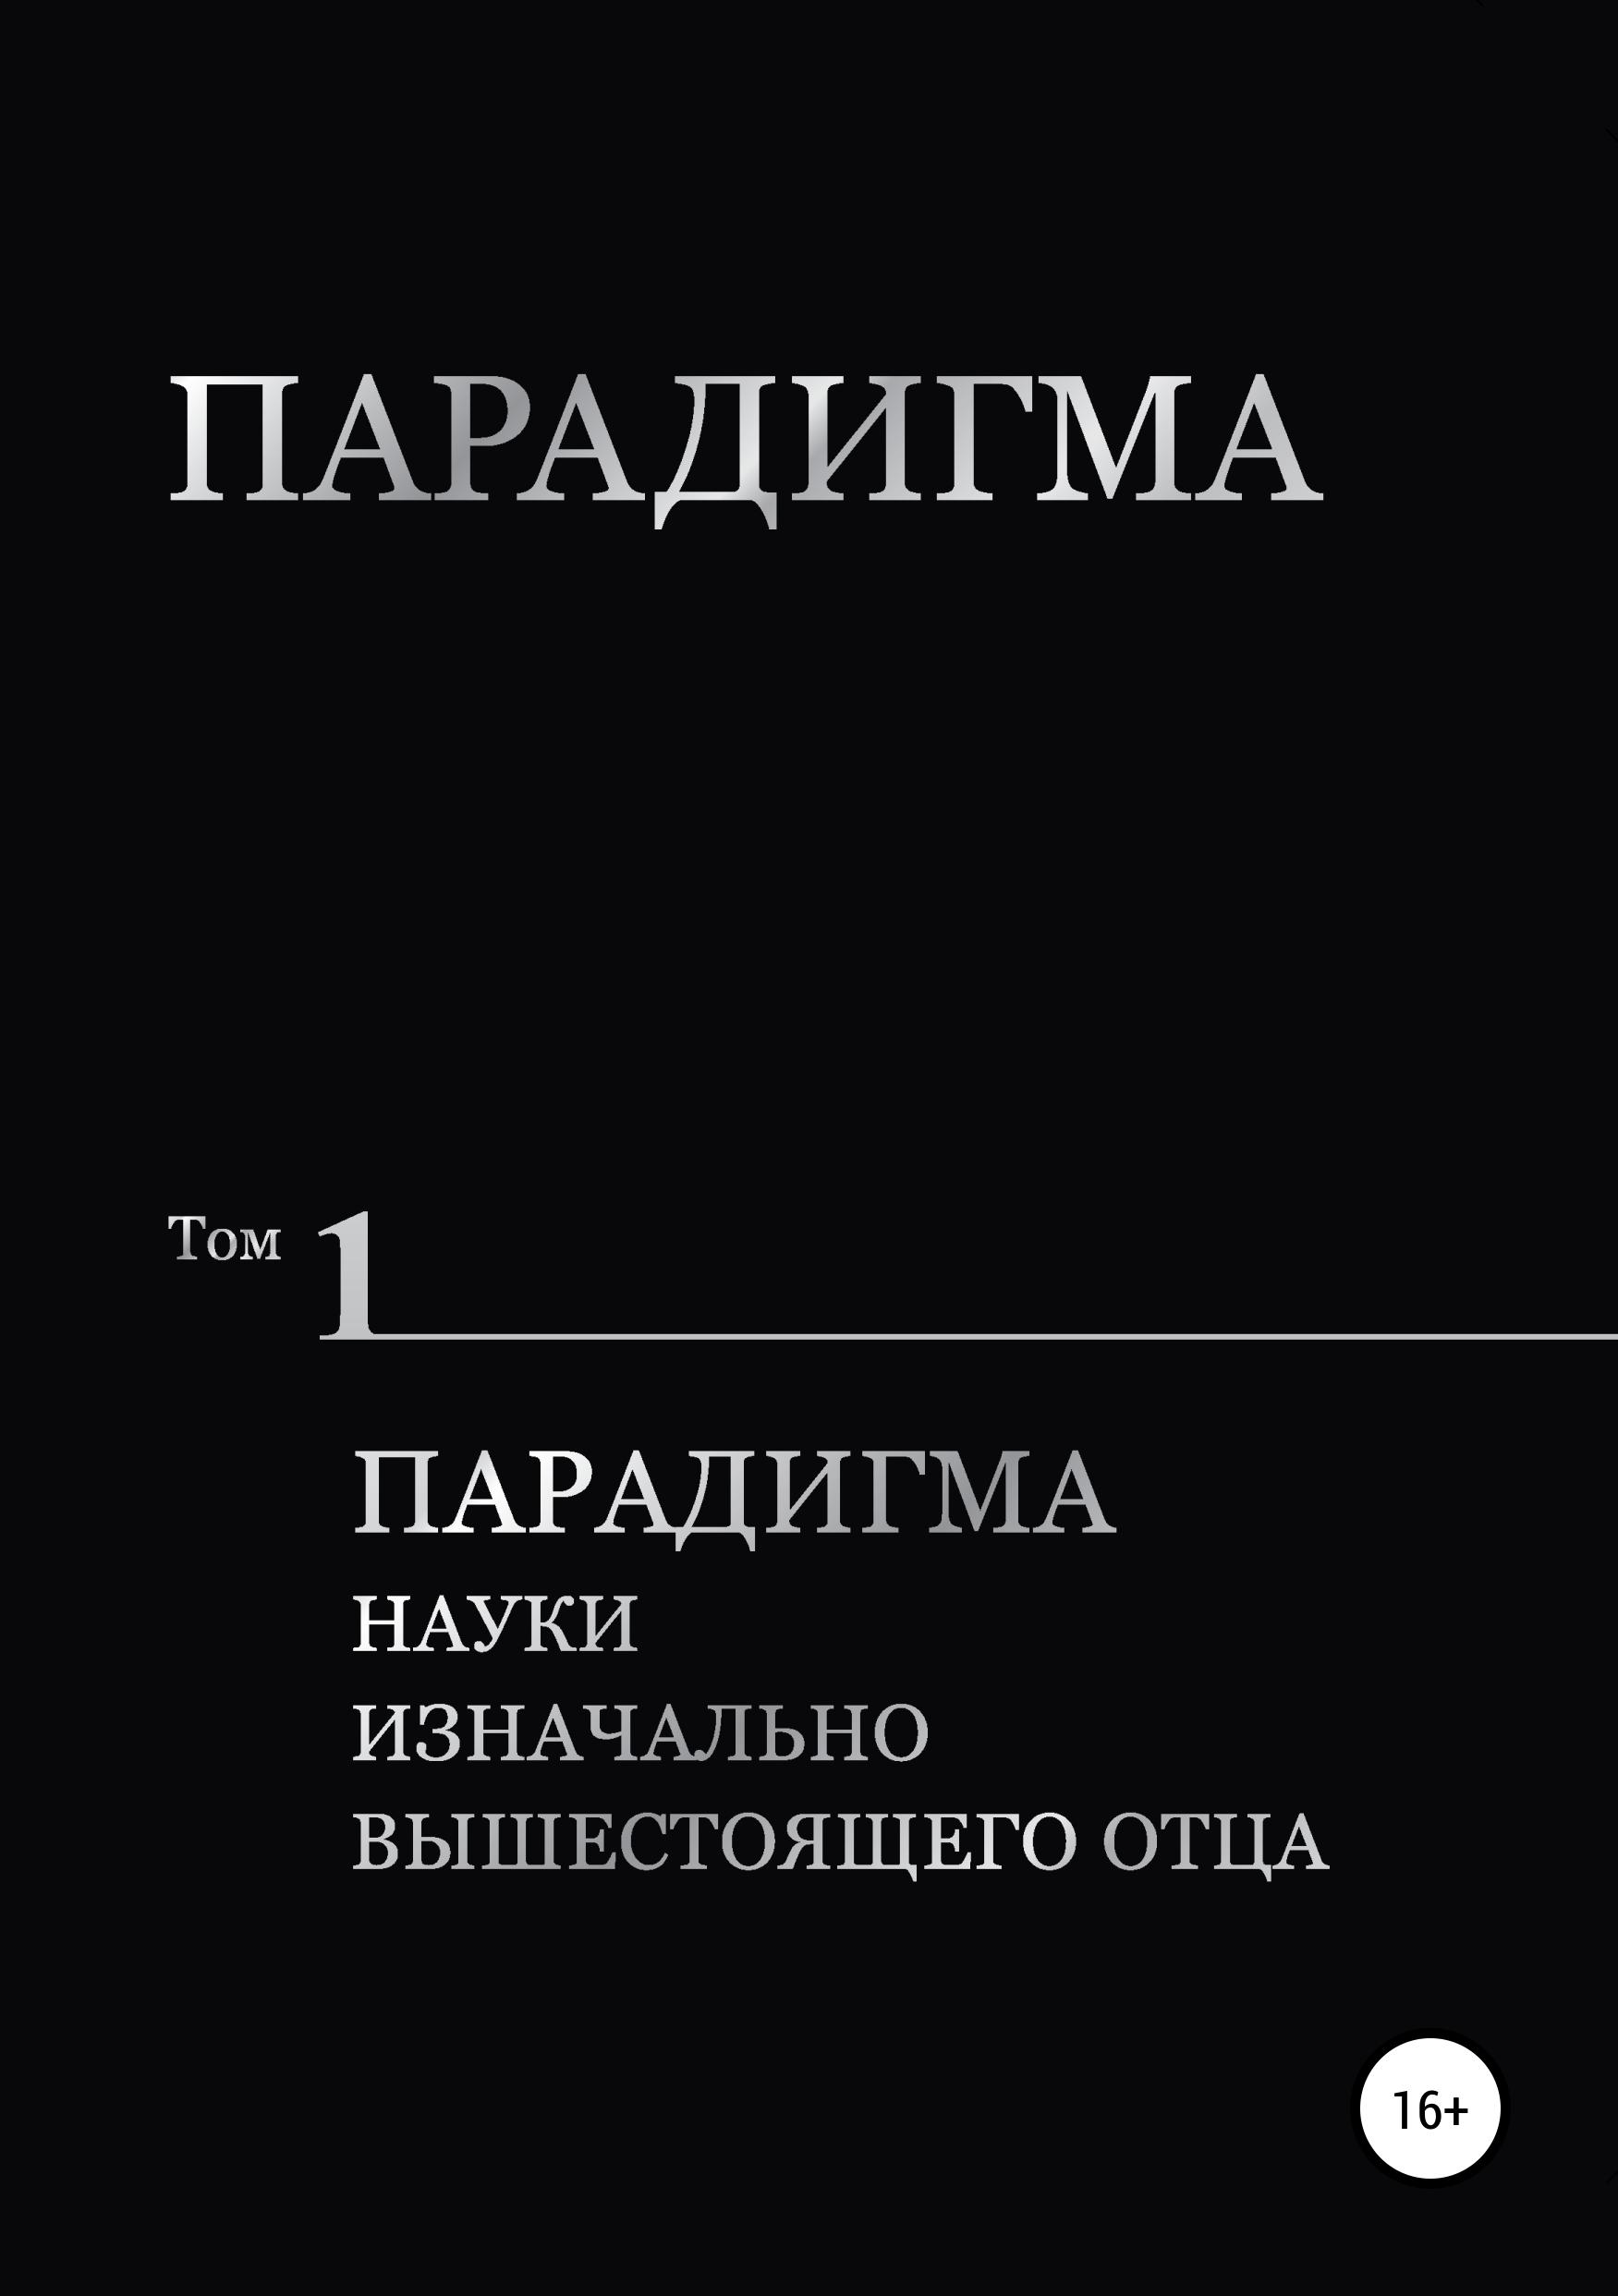 Парадигма. Т. 1: Парадигма Науки Изначально Вышестоящего Отца